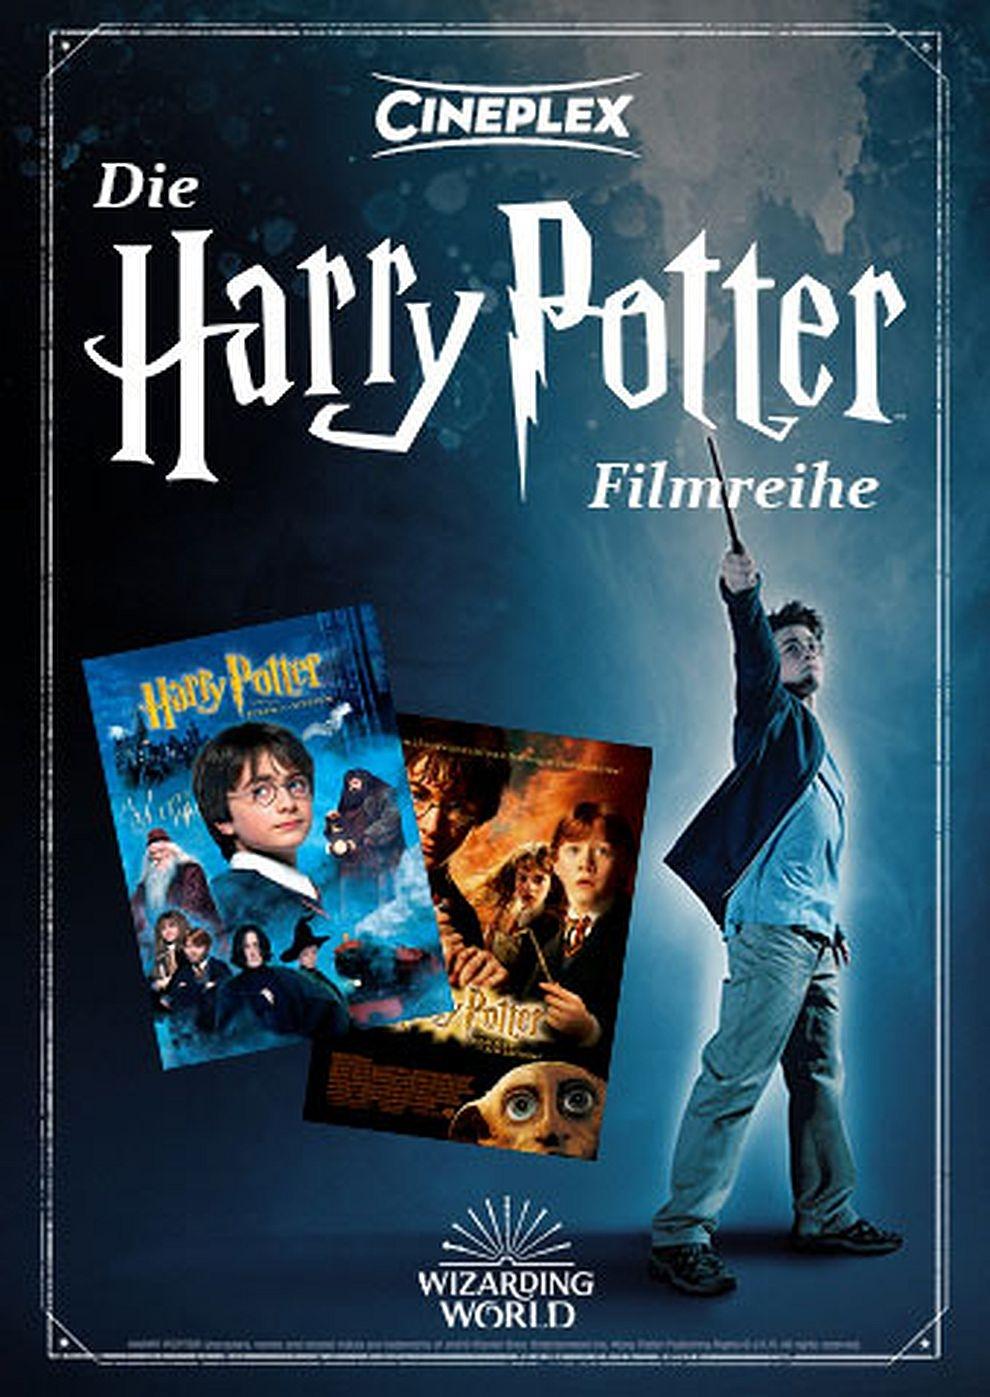 Die harry potter filmreihe teil 1 2 2001 for Die gute kuche teil 2